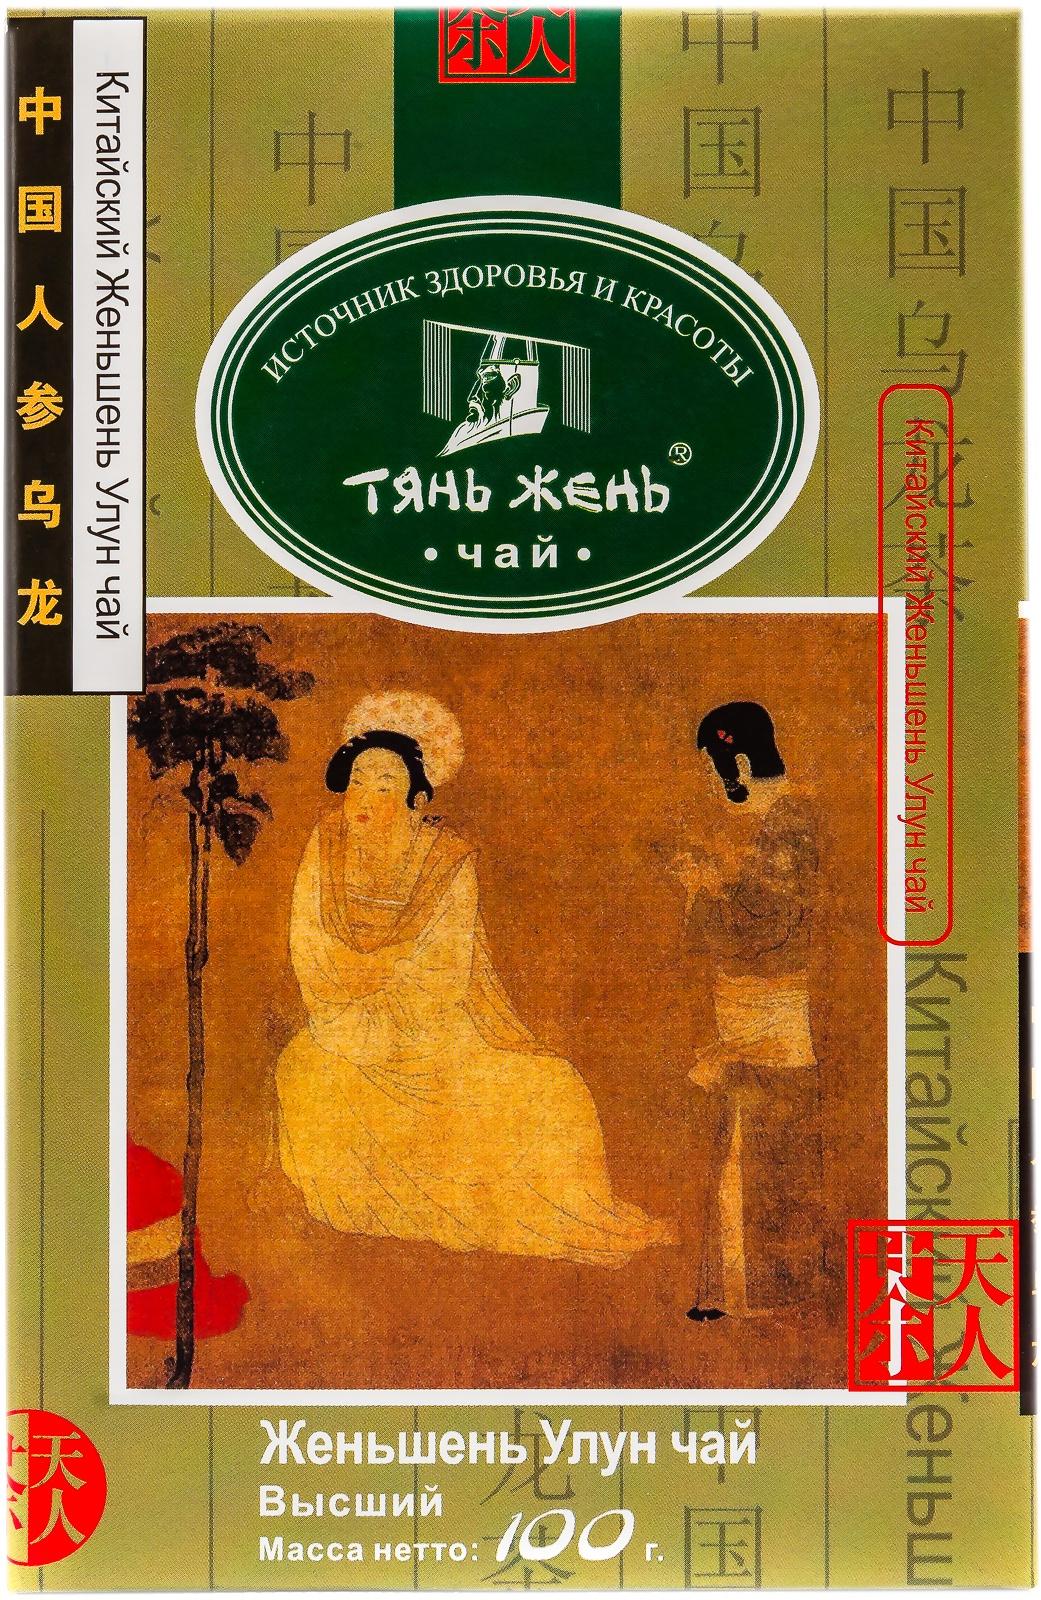 Чай листовой Высший Женьшень улун, Женьшень, 100 цена и фото